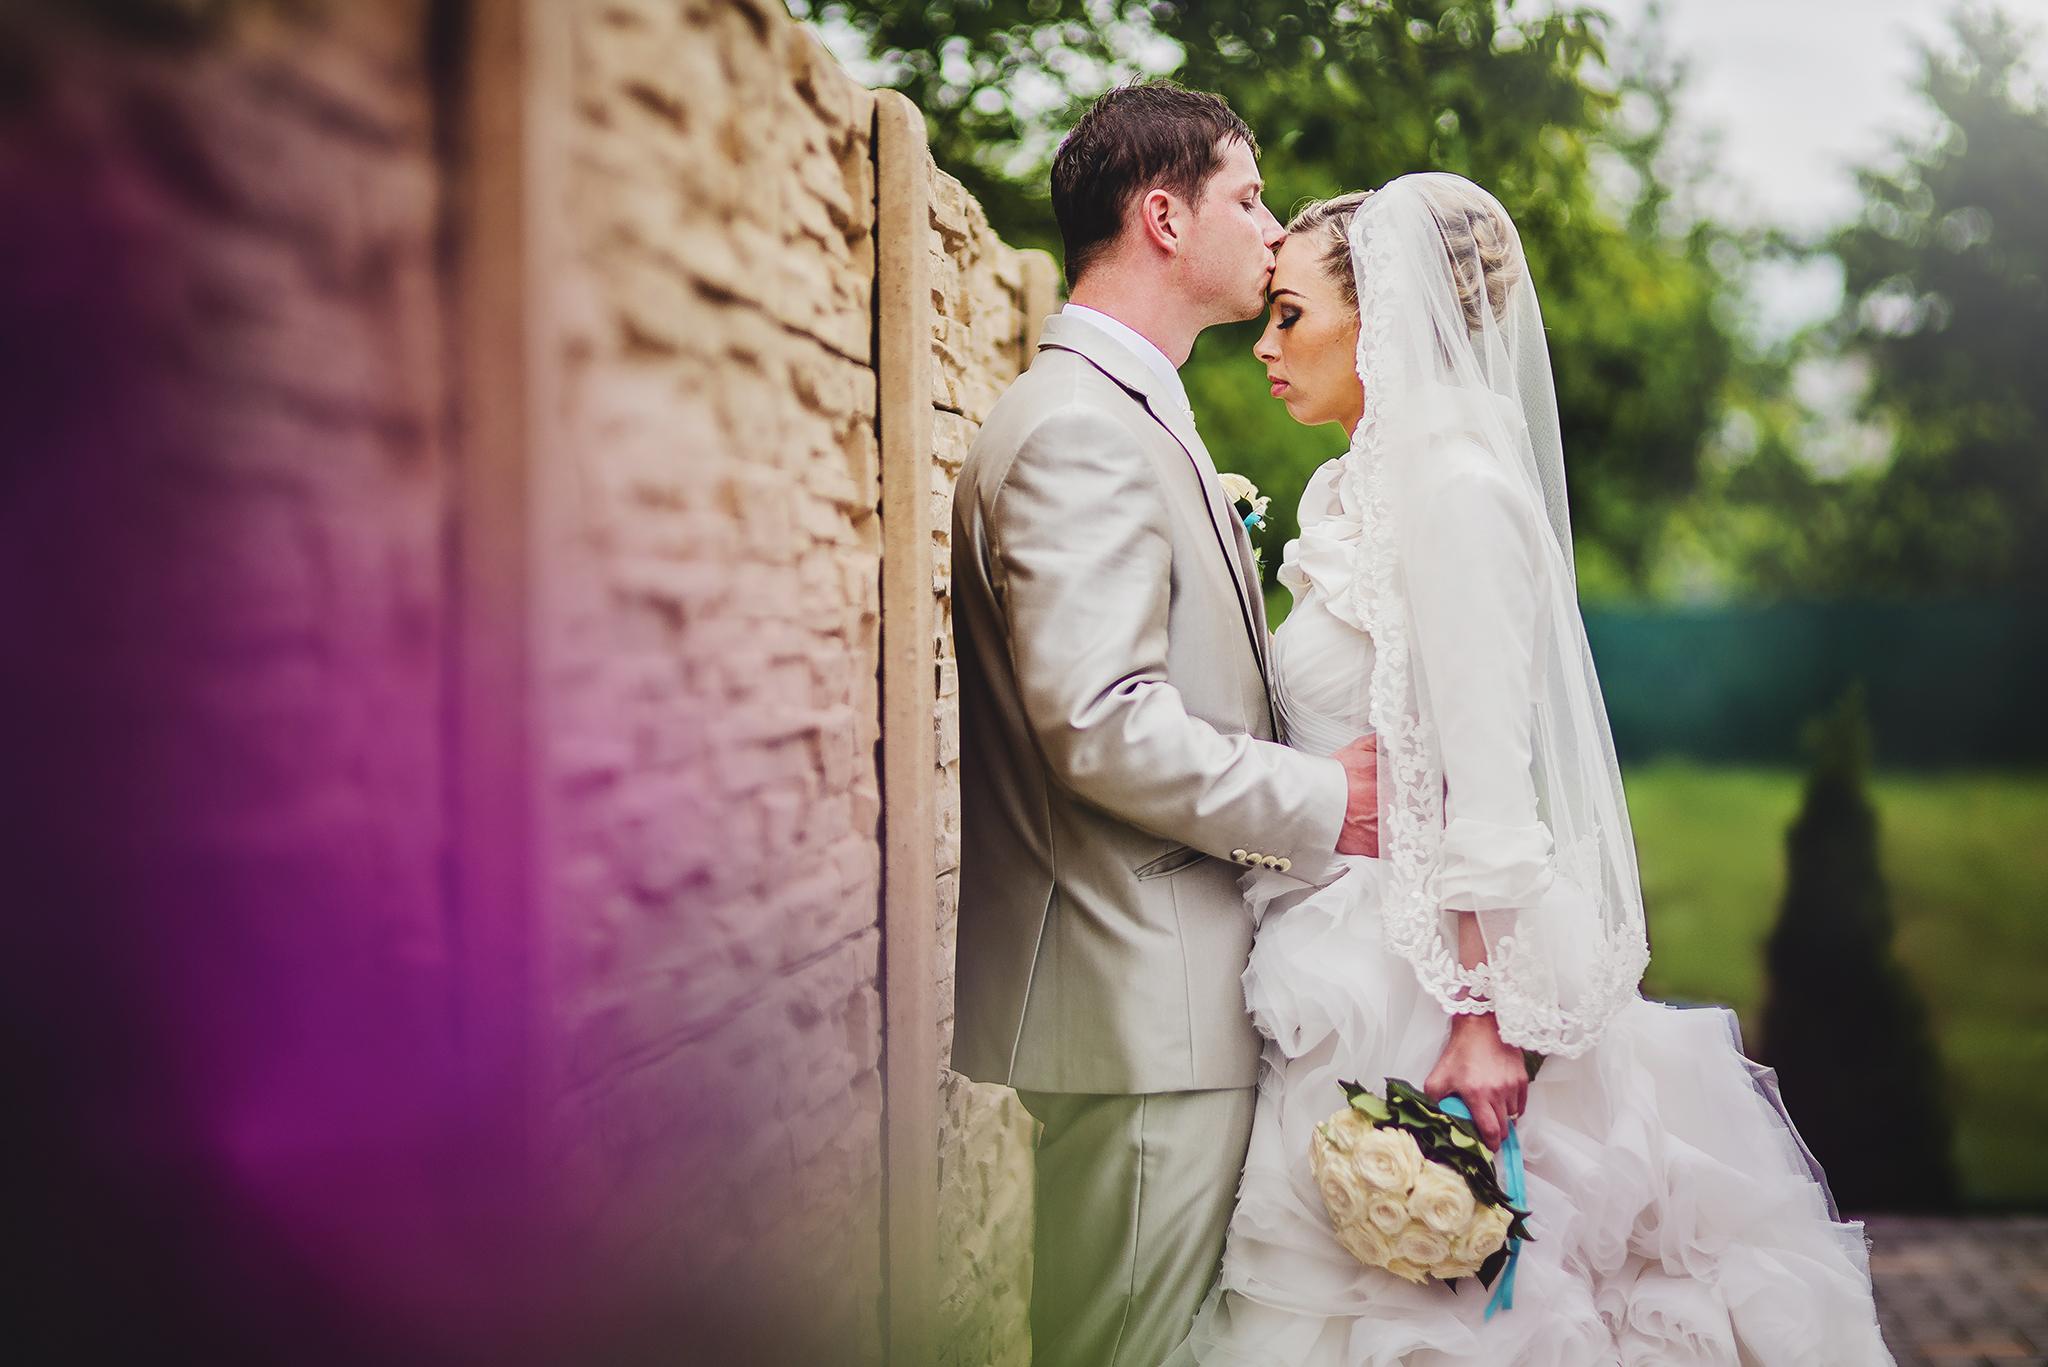 nevesta, ženích, oblek, šaty, kytica, závoj, láska, príroda, love, wedding dress, Bratislava, Trenčín, Žilina, Liptov, fotograf, kameraman, svadobné video, romantika, bozk na čelo, pusa, kiss